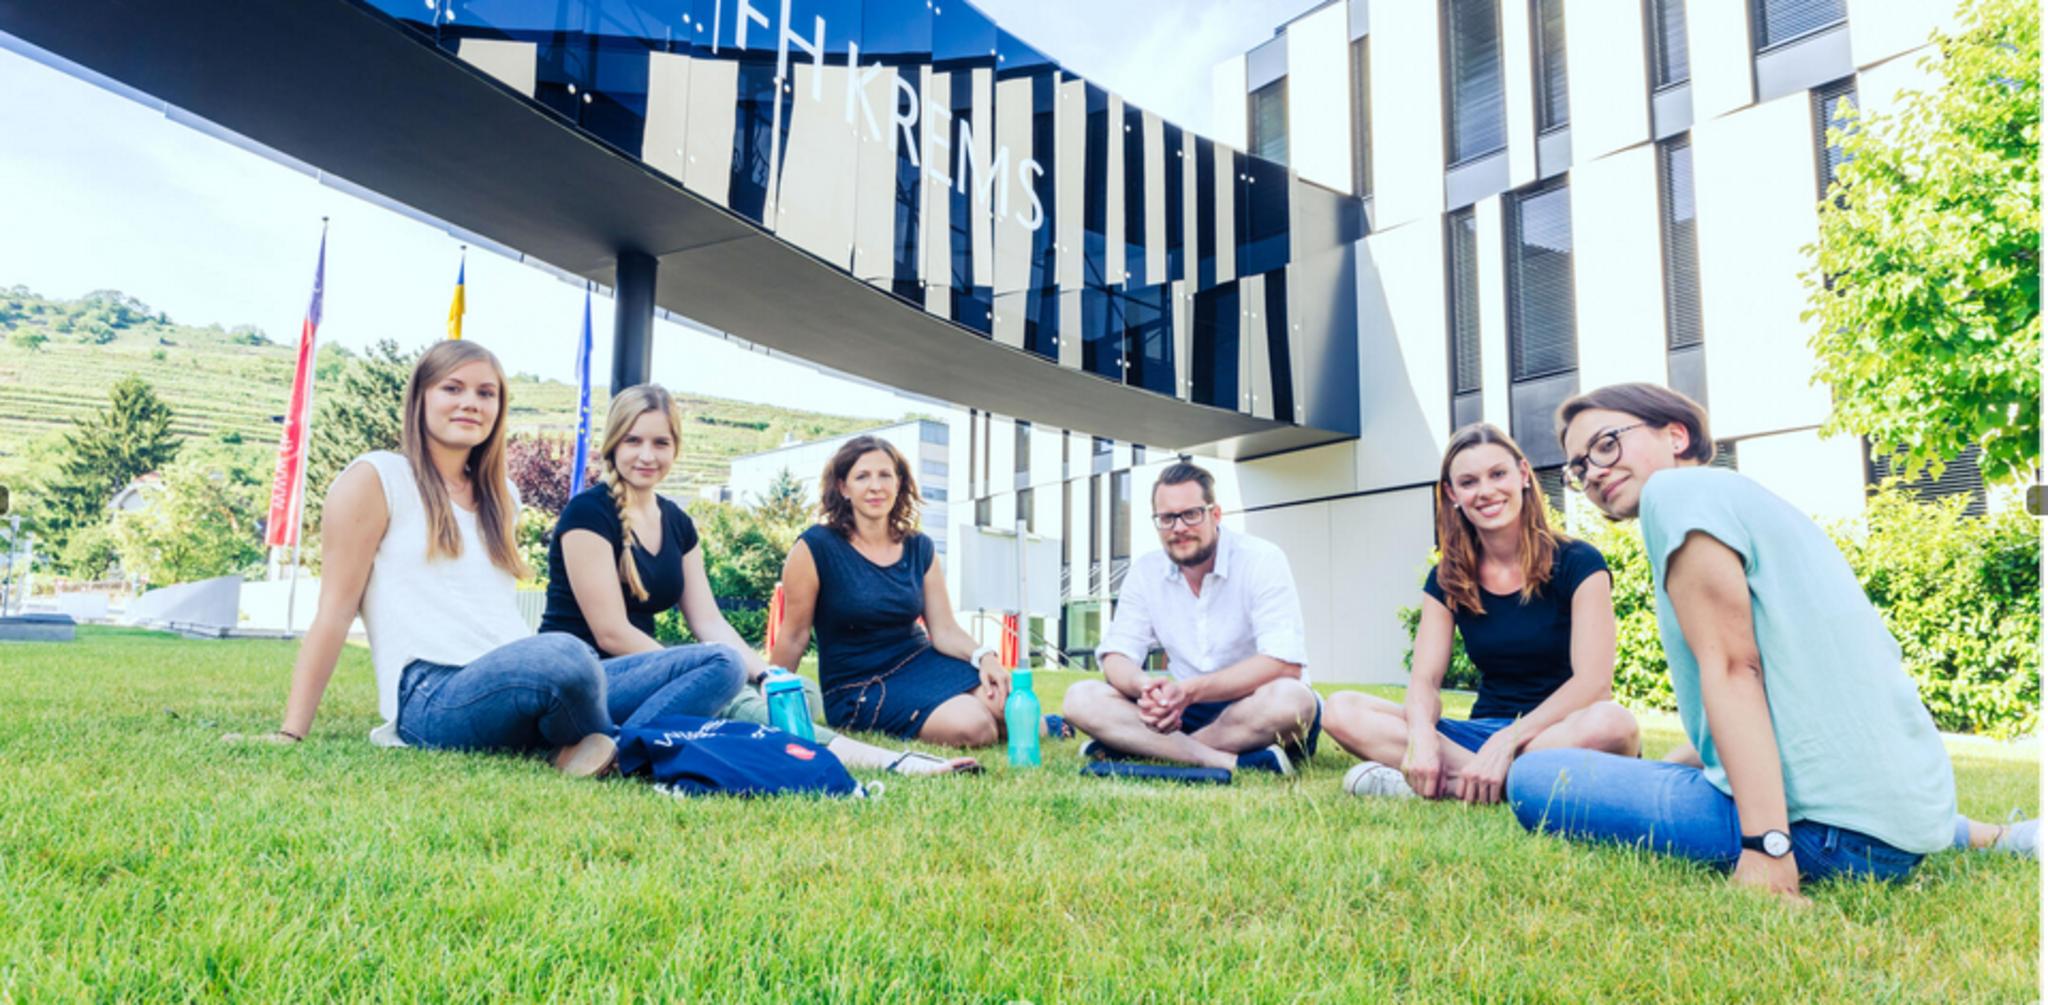 Bezirk Krems: Bildungsflaute im Land? Nicht hier